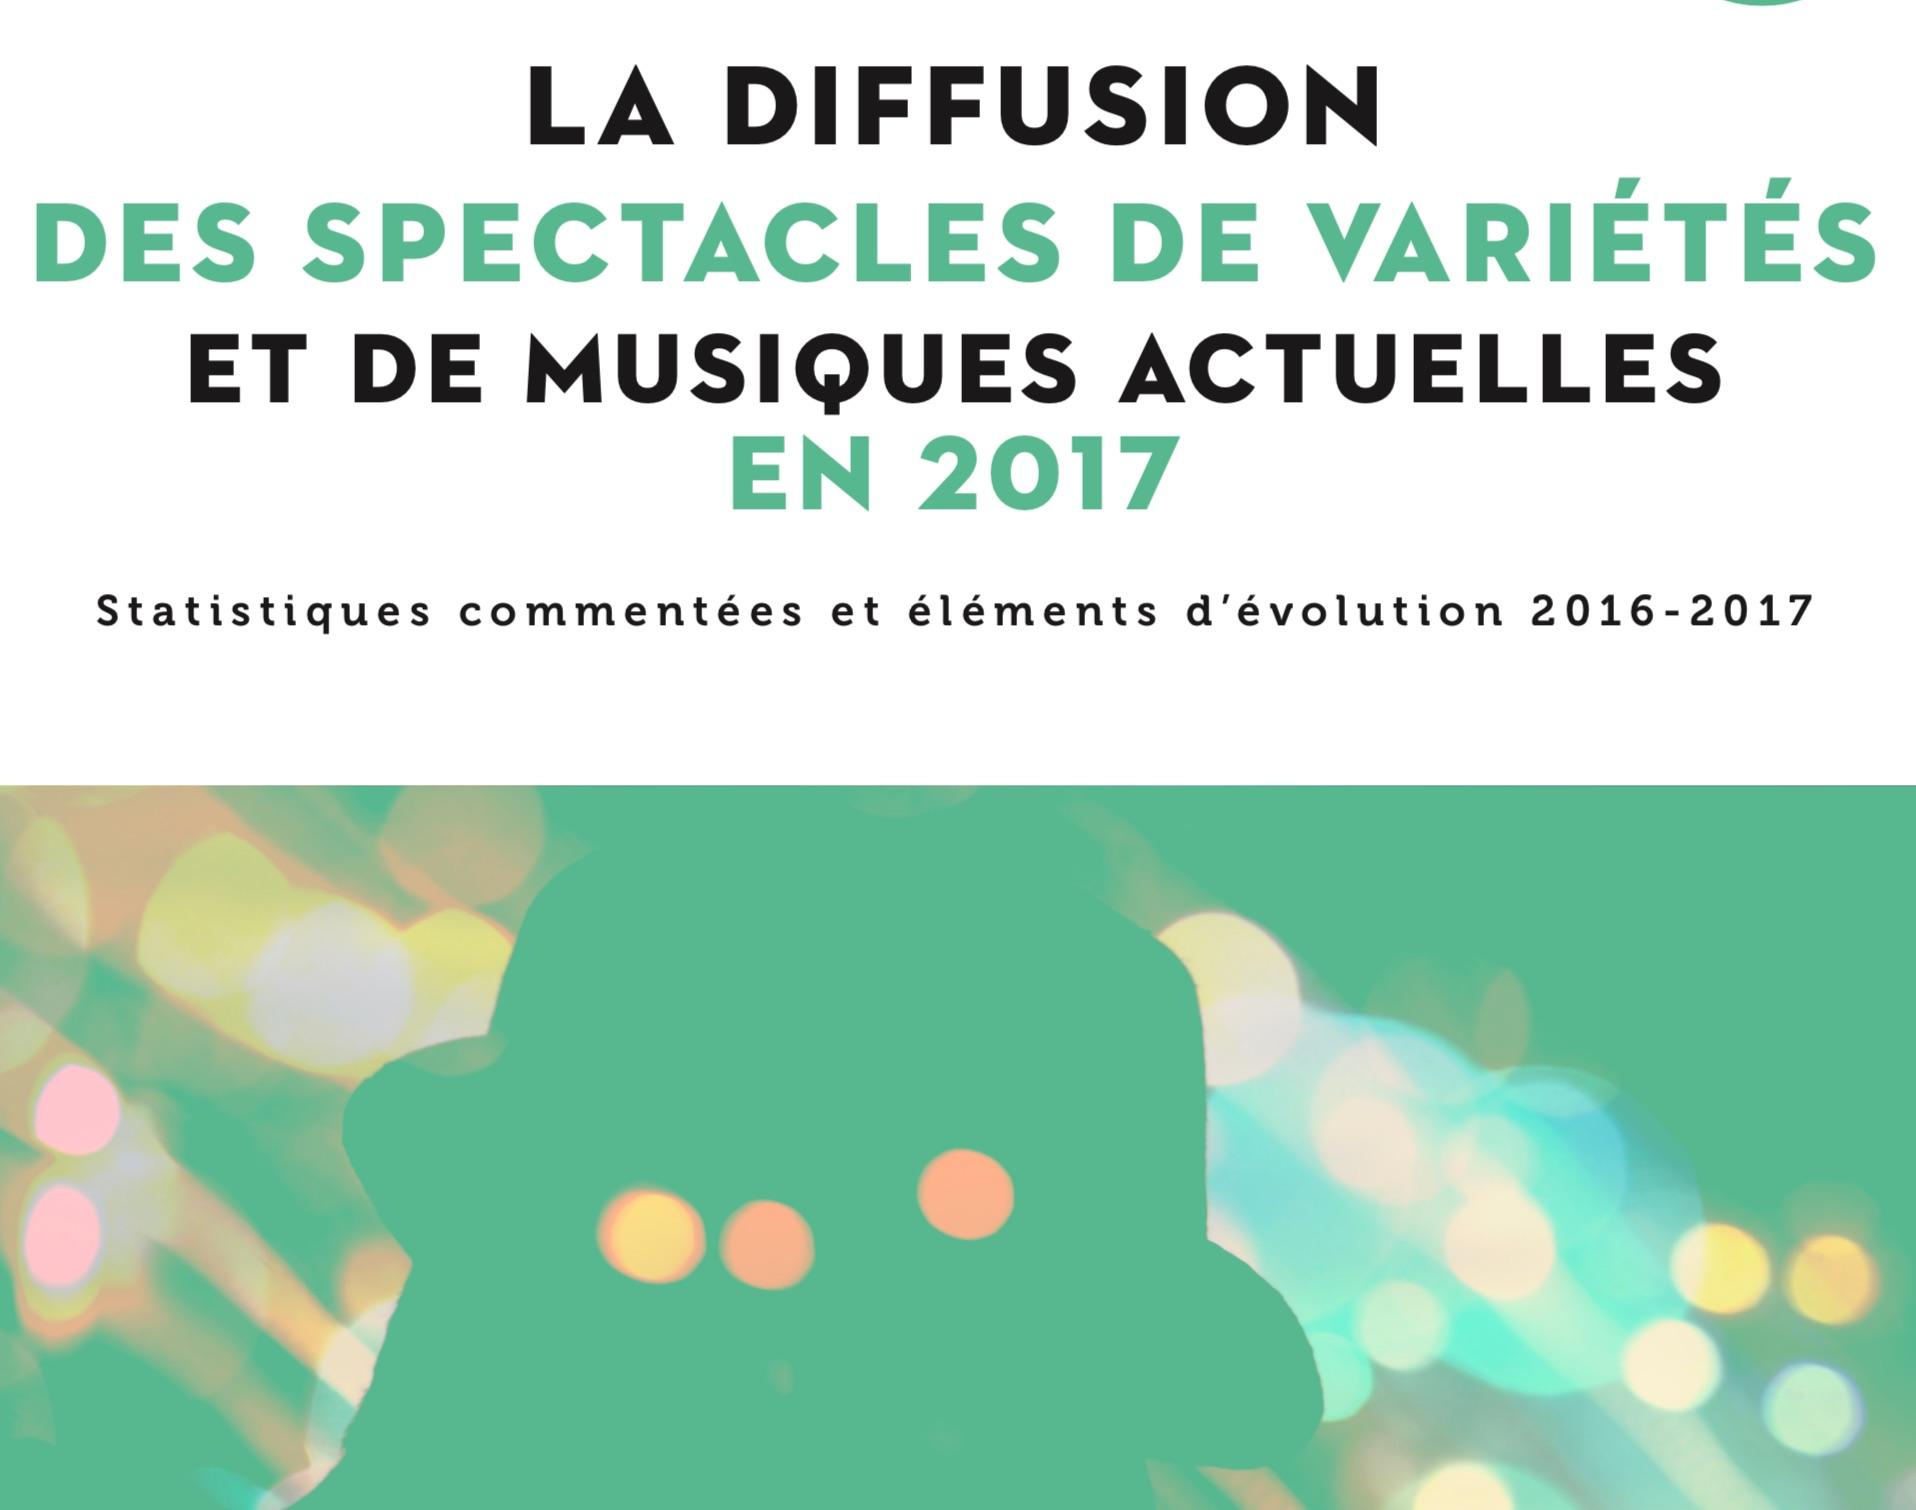 DIFFUSION VARIÉTÉS / MUS. ACTUELLES